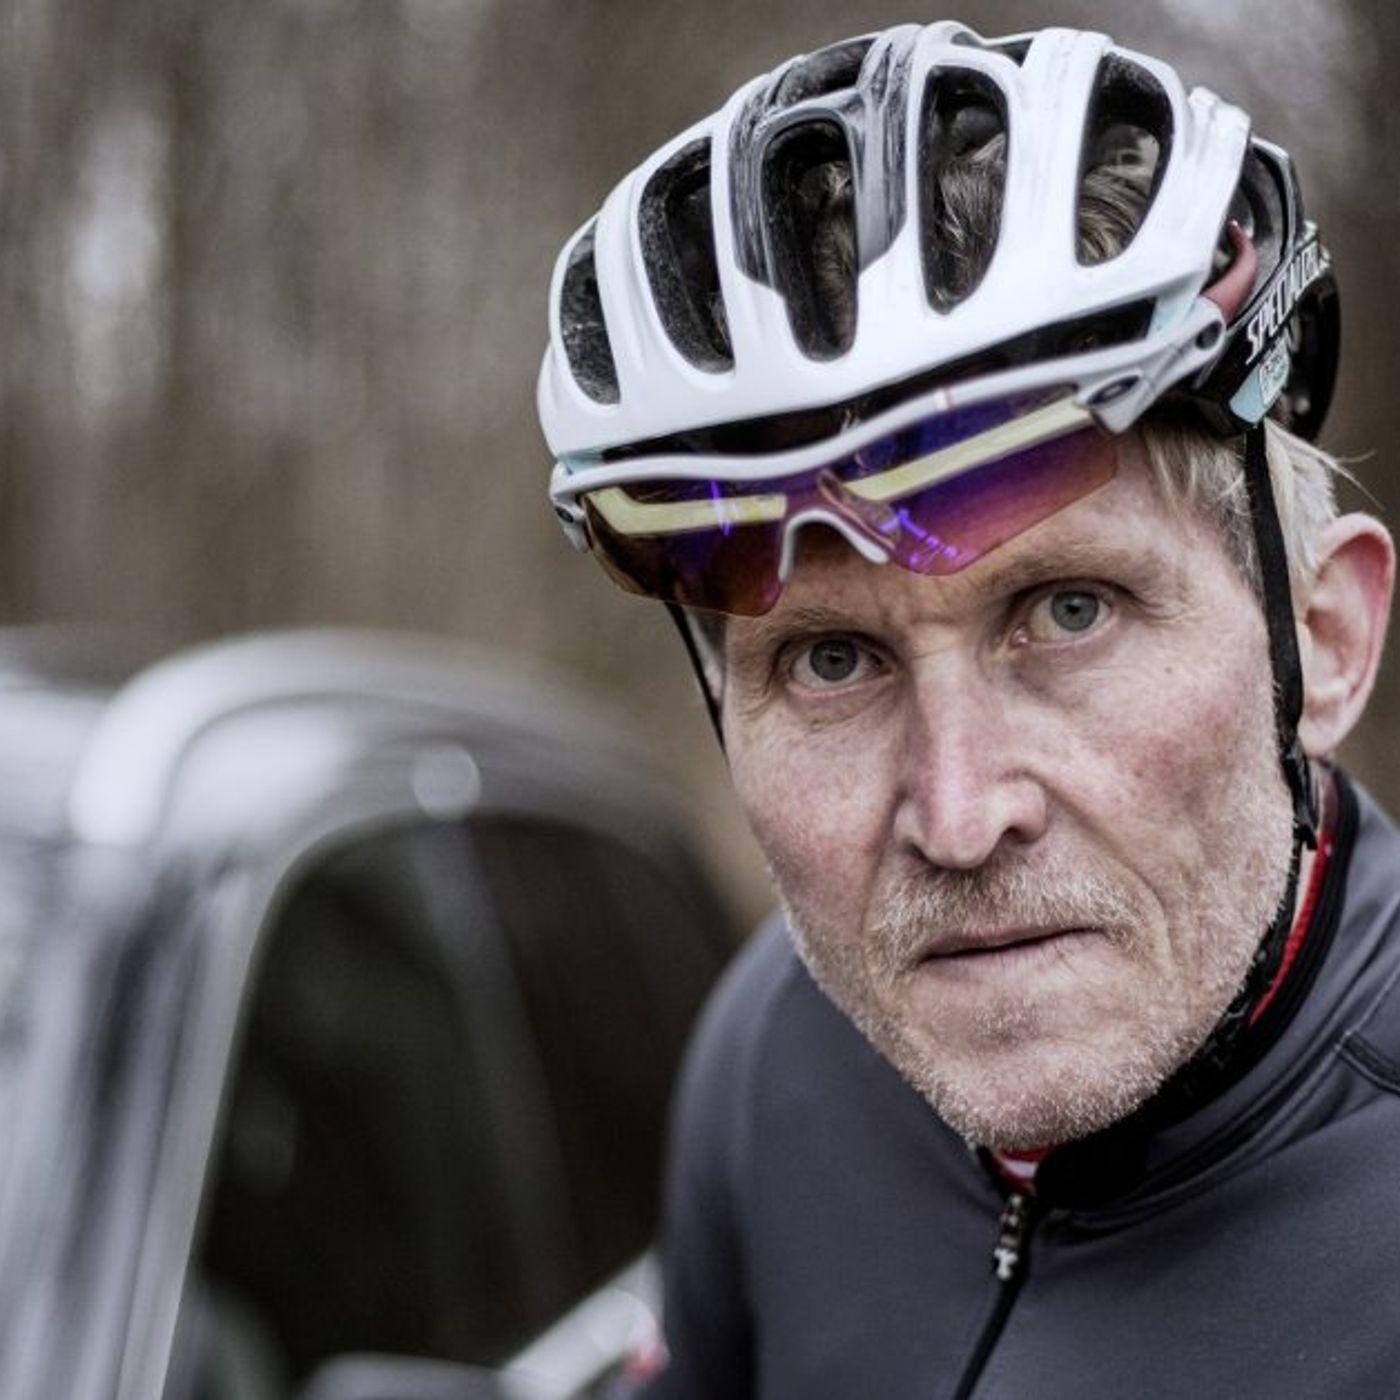 'Radio Godefroot': Med cykelrytterkone Maria Josefine fortæller om livet på sidelinjen